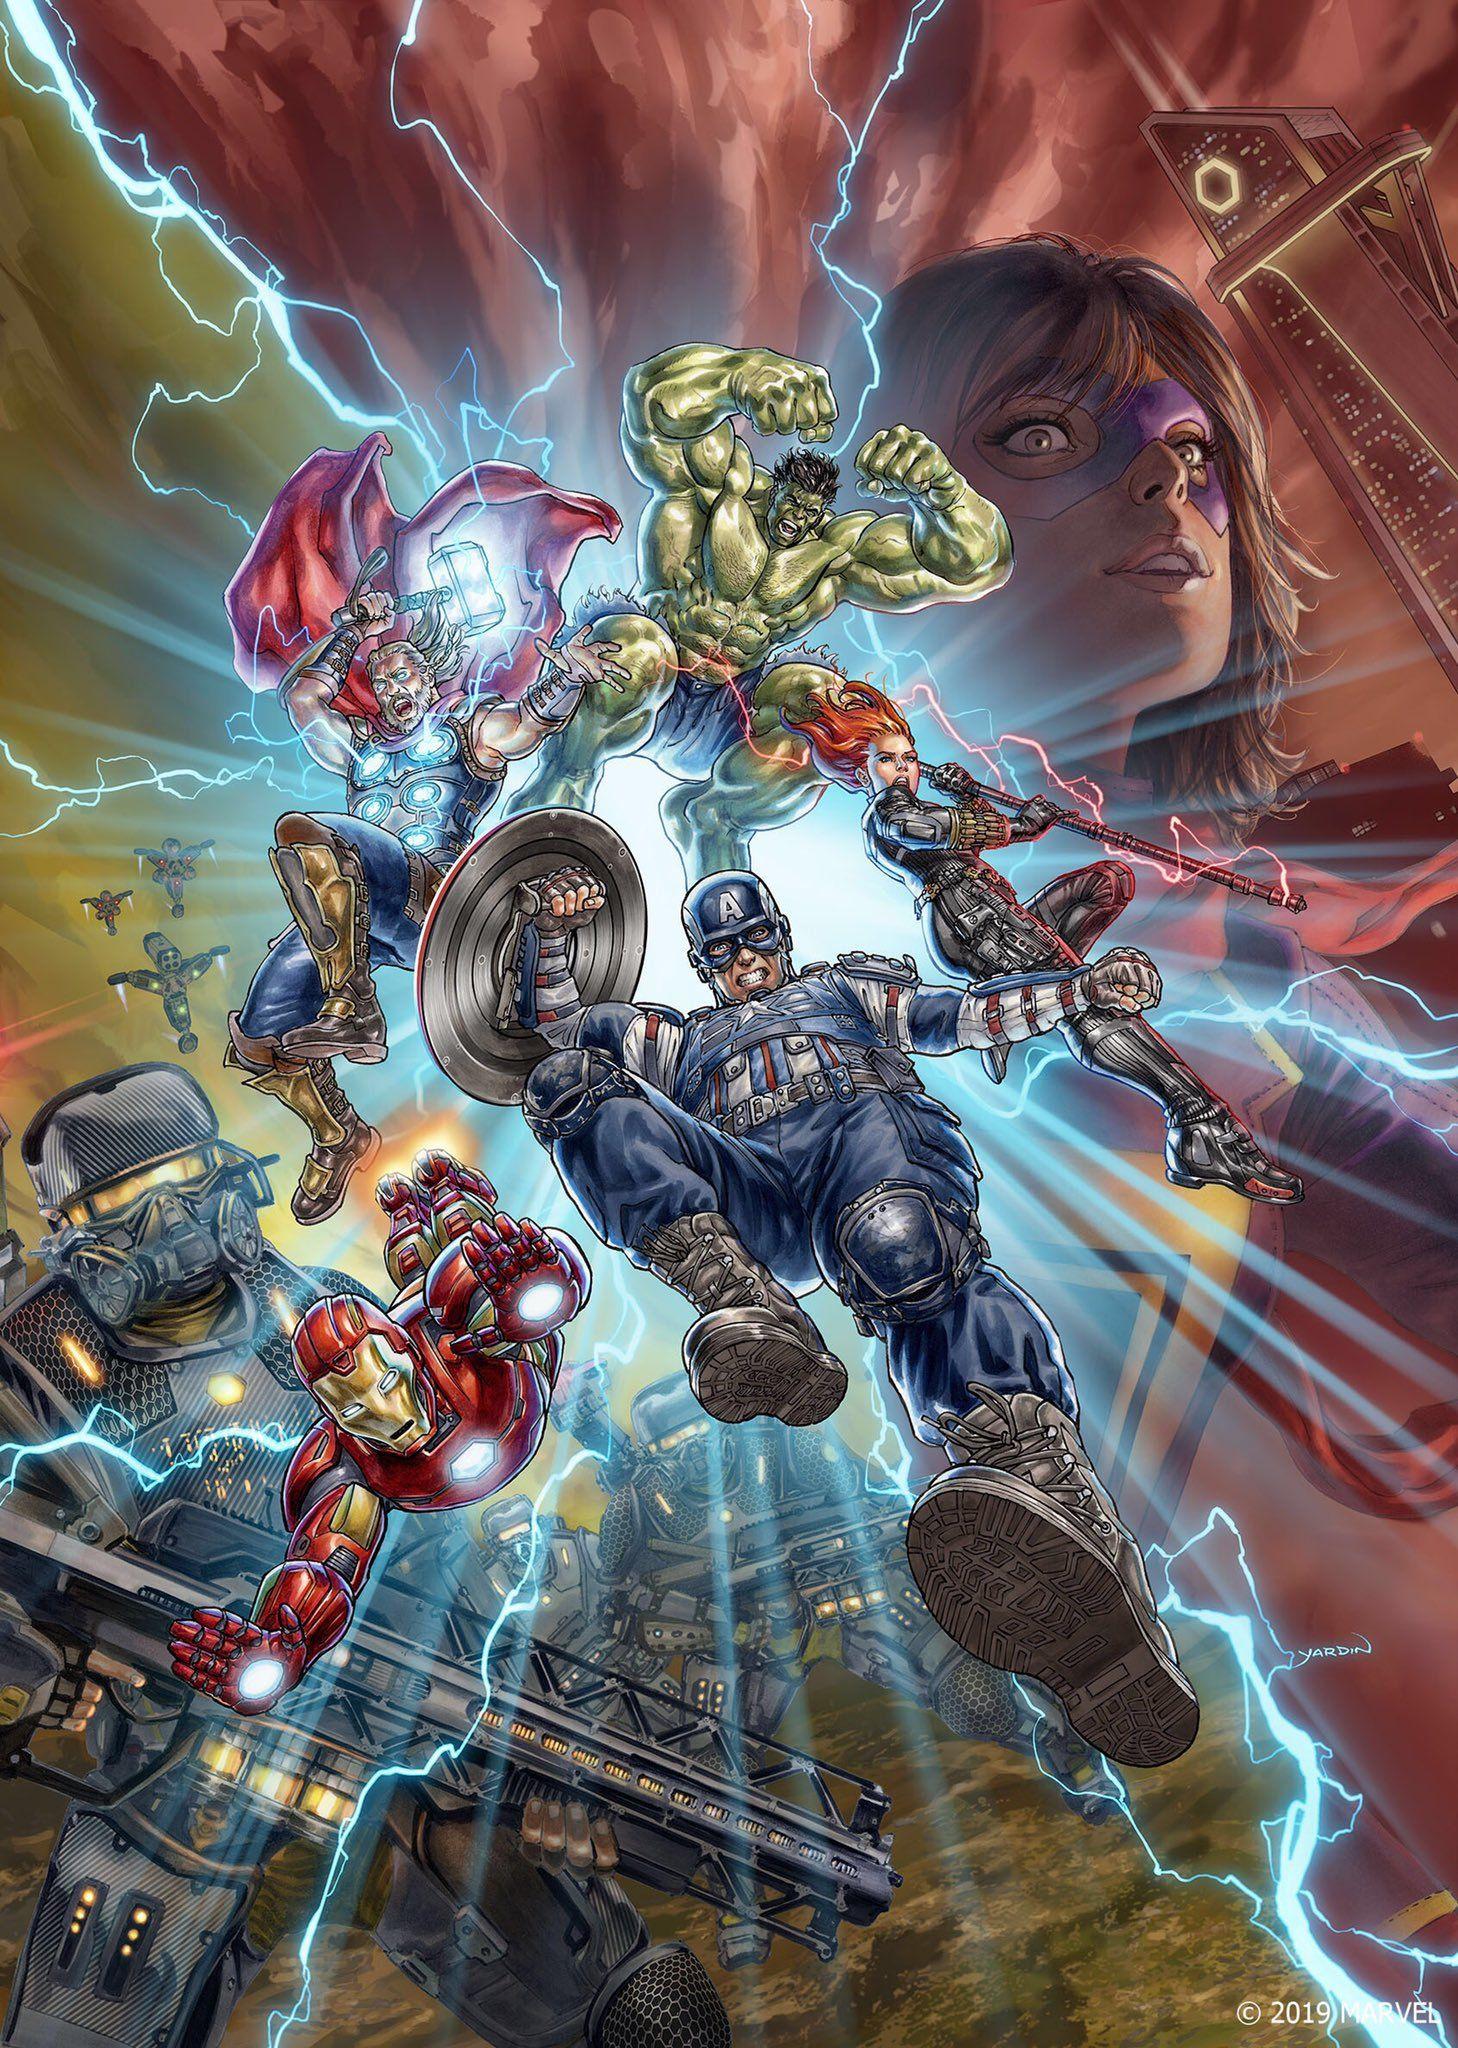 Marvel S Avengers On Twitter Marvel Avengers Games Avengers Games Marvel Avengers